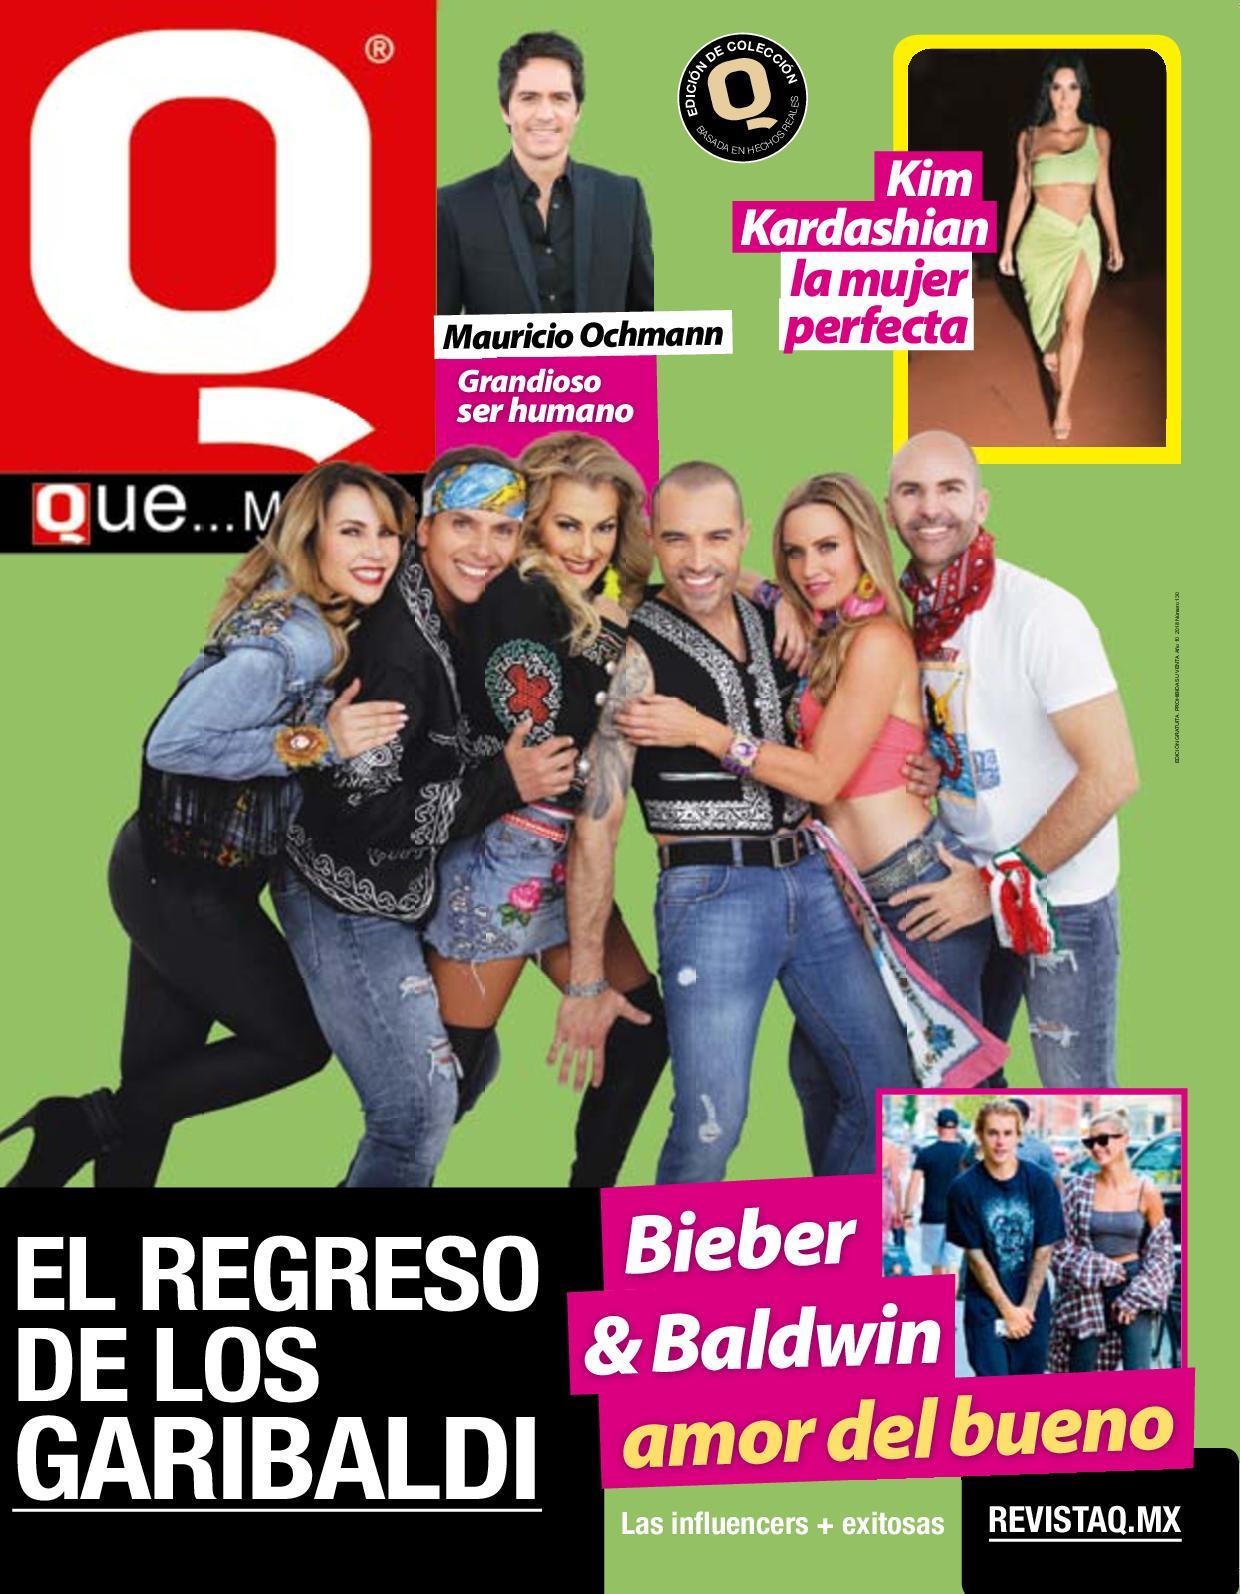 130 Q 2018 Calaméo Septiembre Revista roBeWdCx